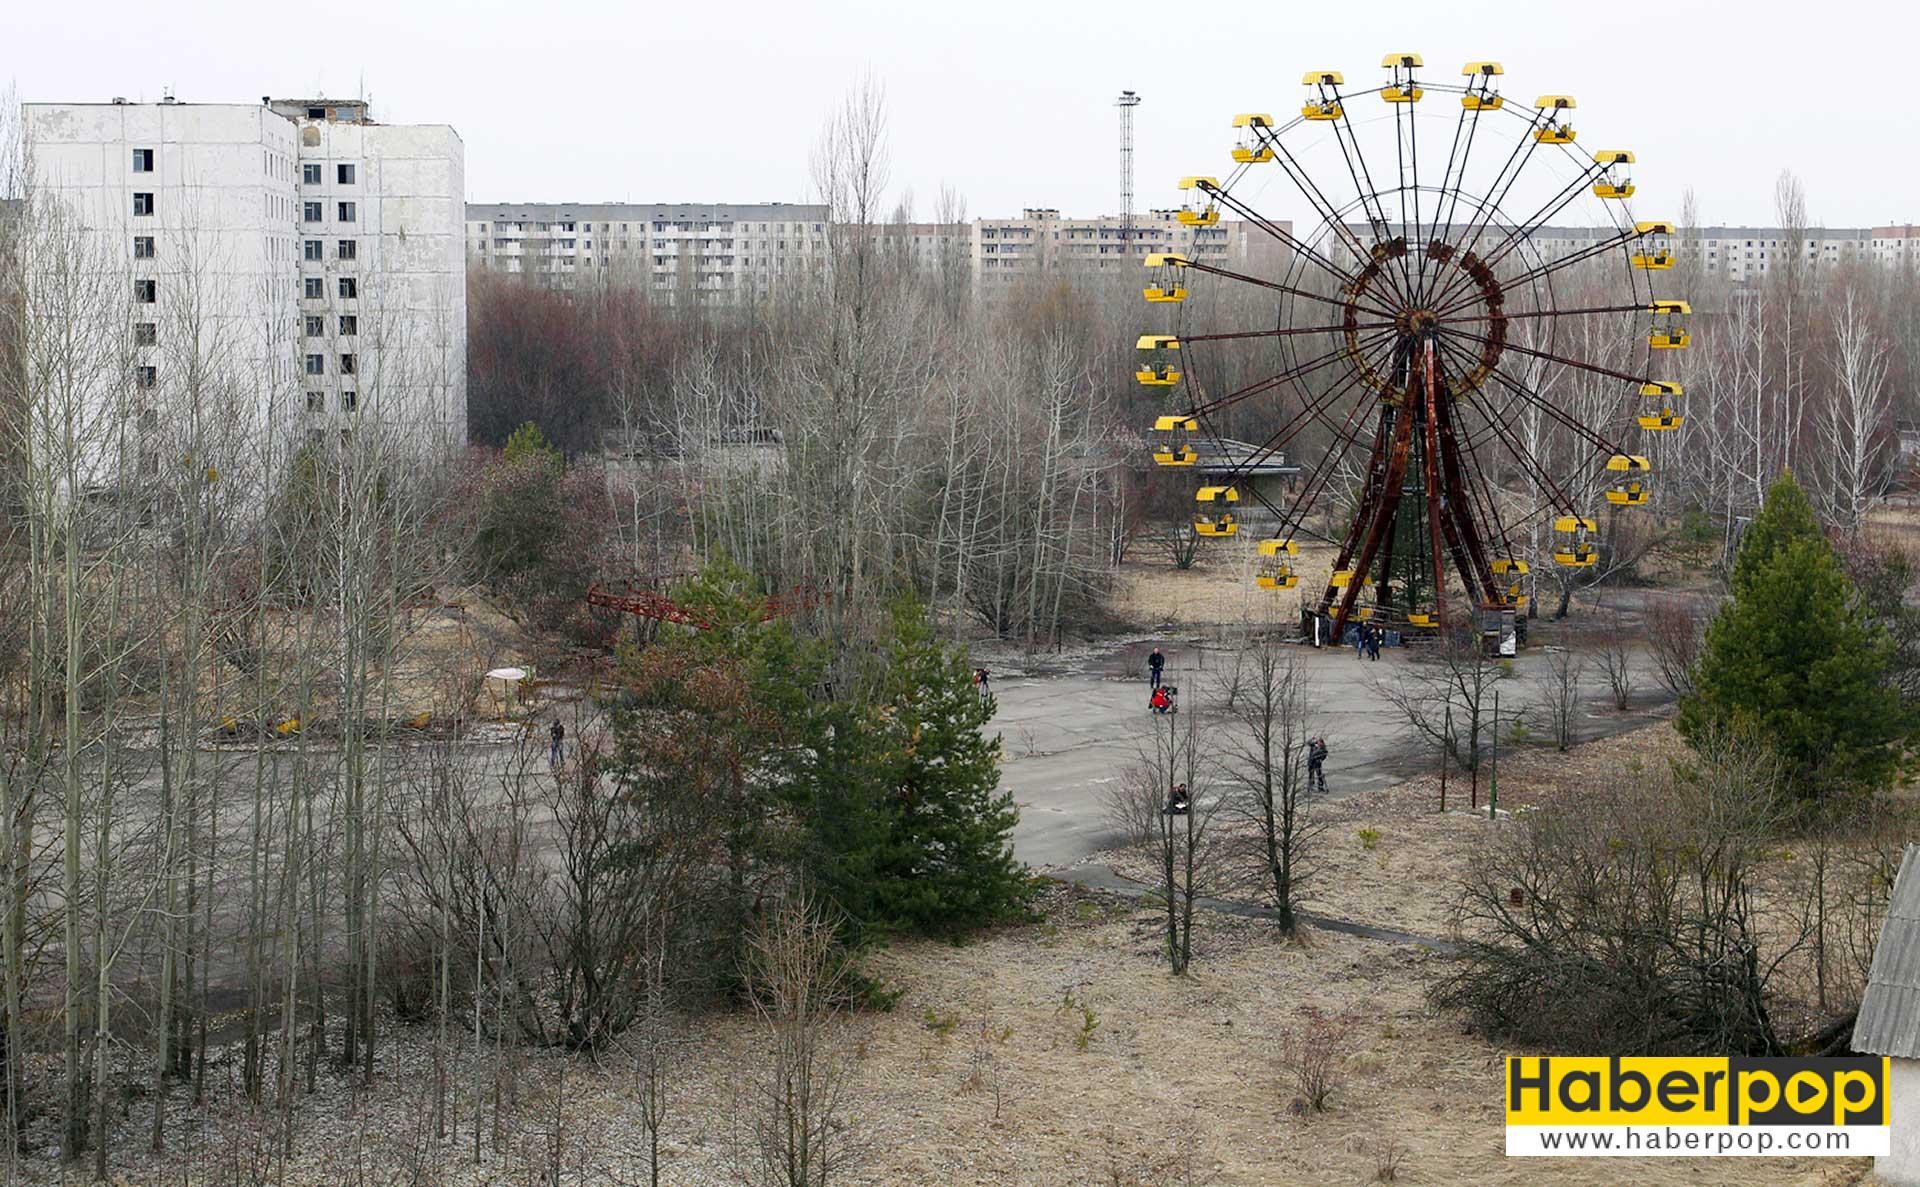 chernobyl_cernobil